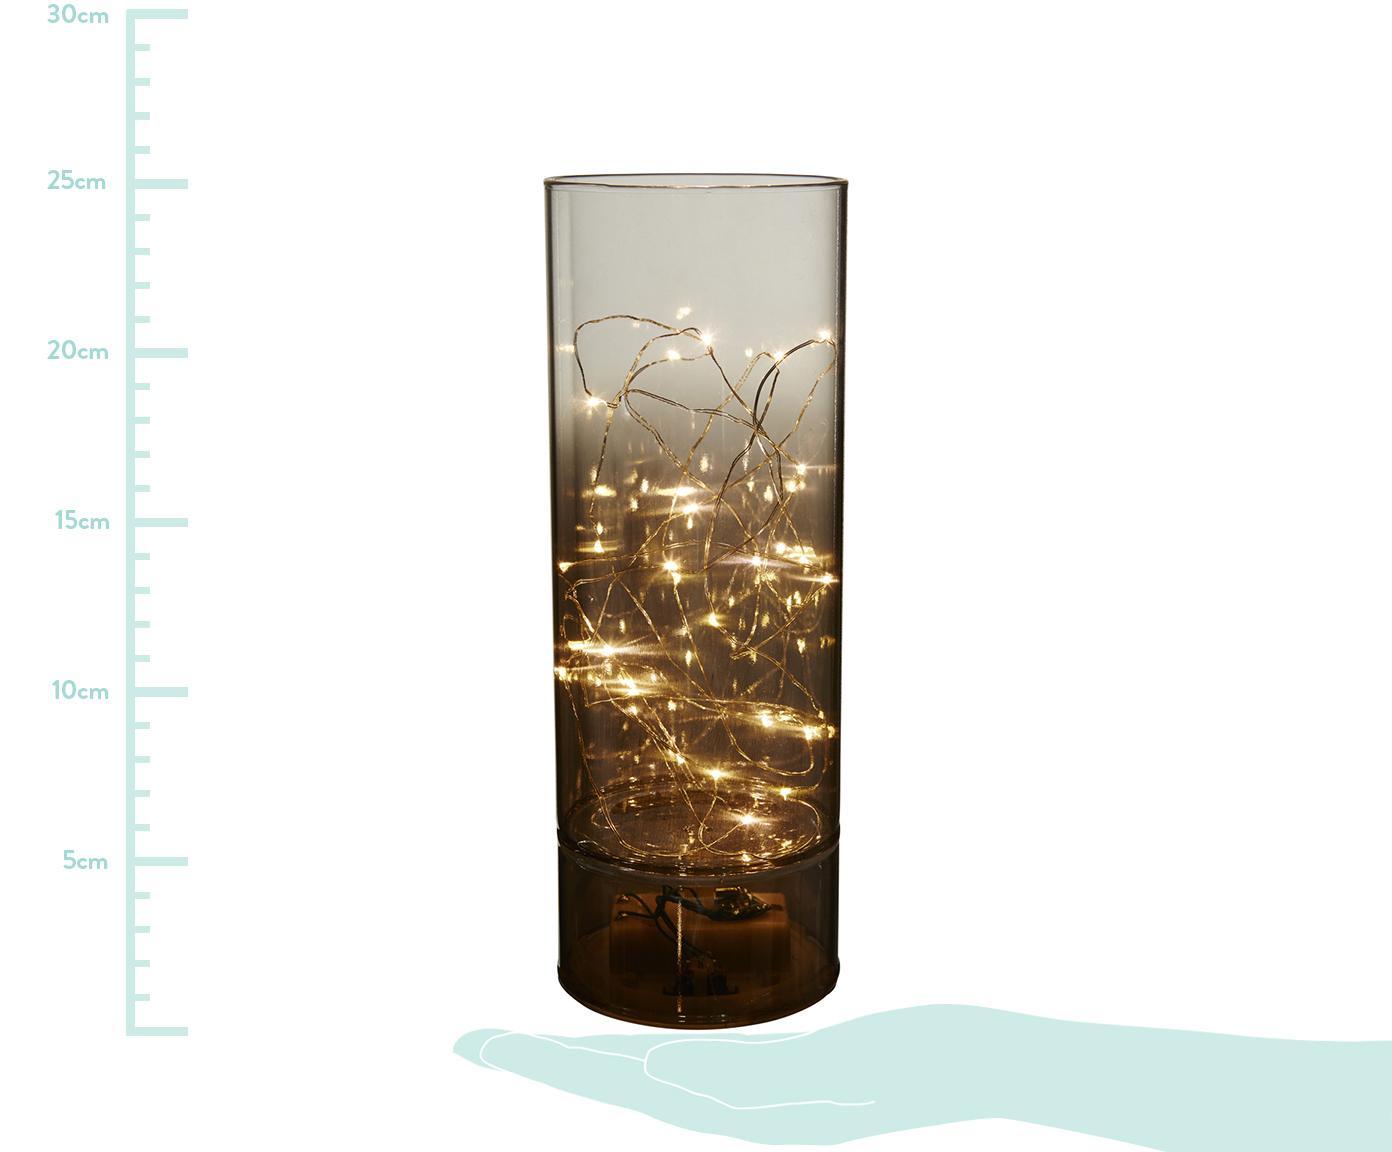 Lampa dekoracyjna Mirror Tube, Szary, Ø 9 x W 25 cm